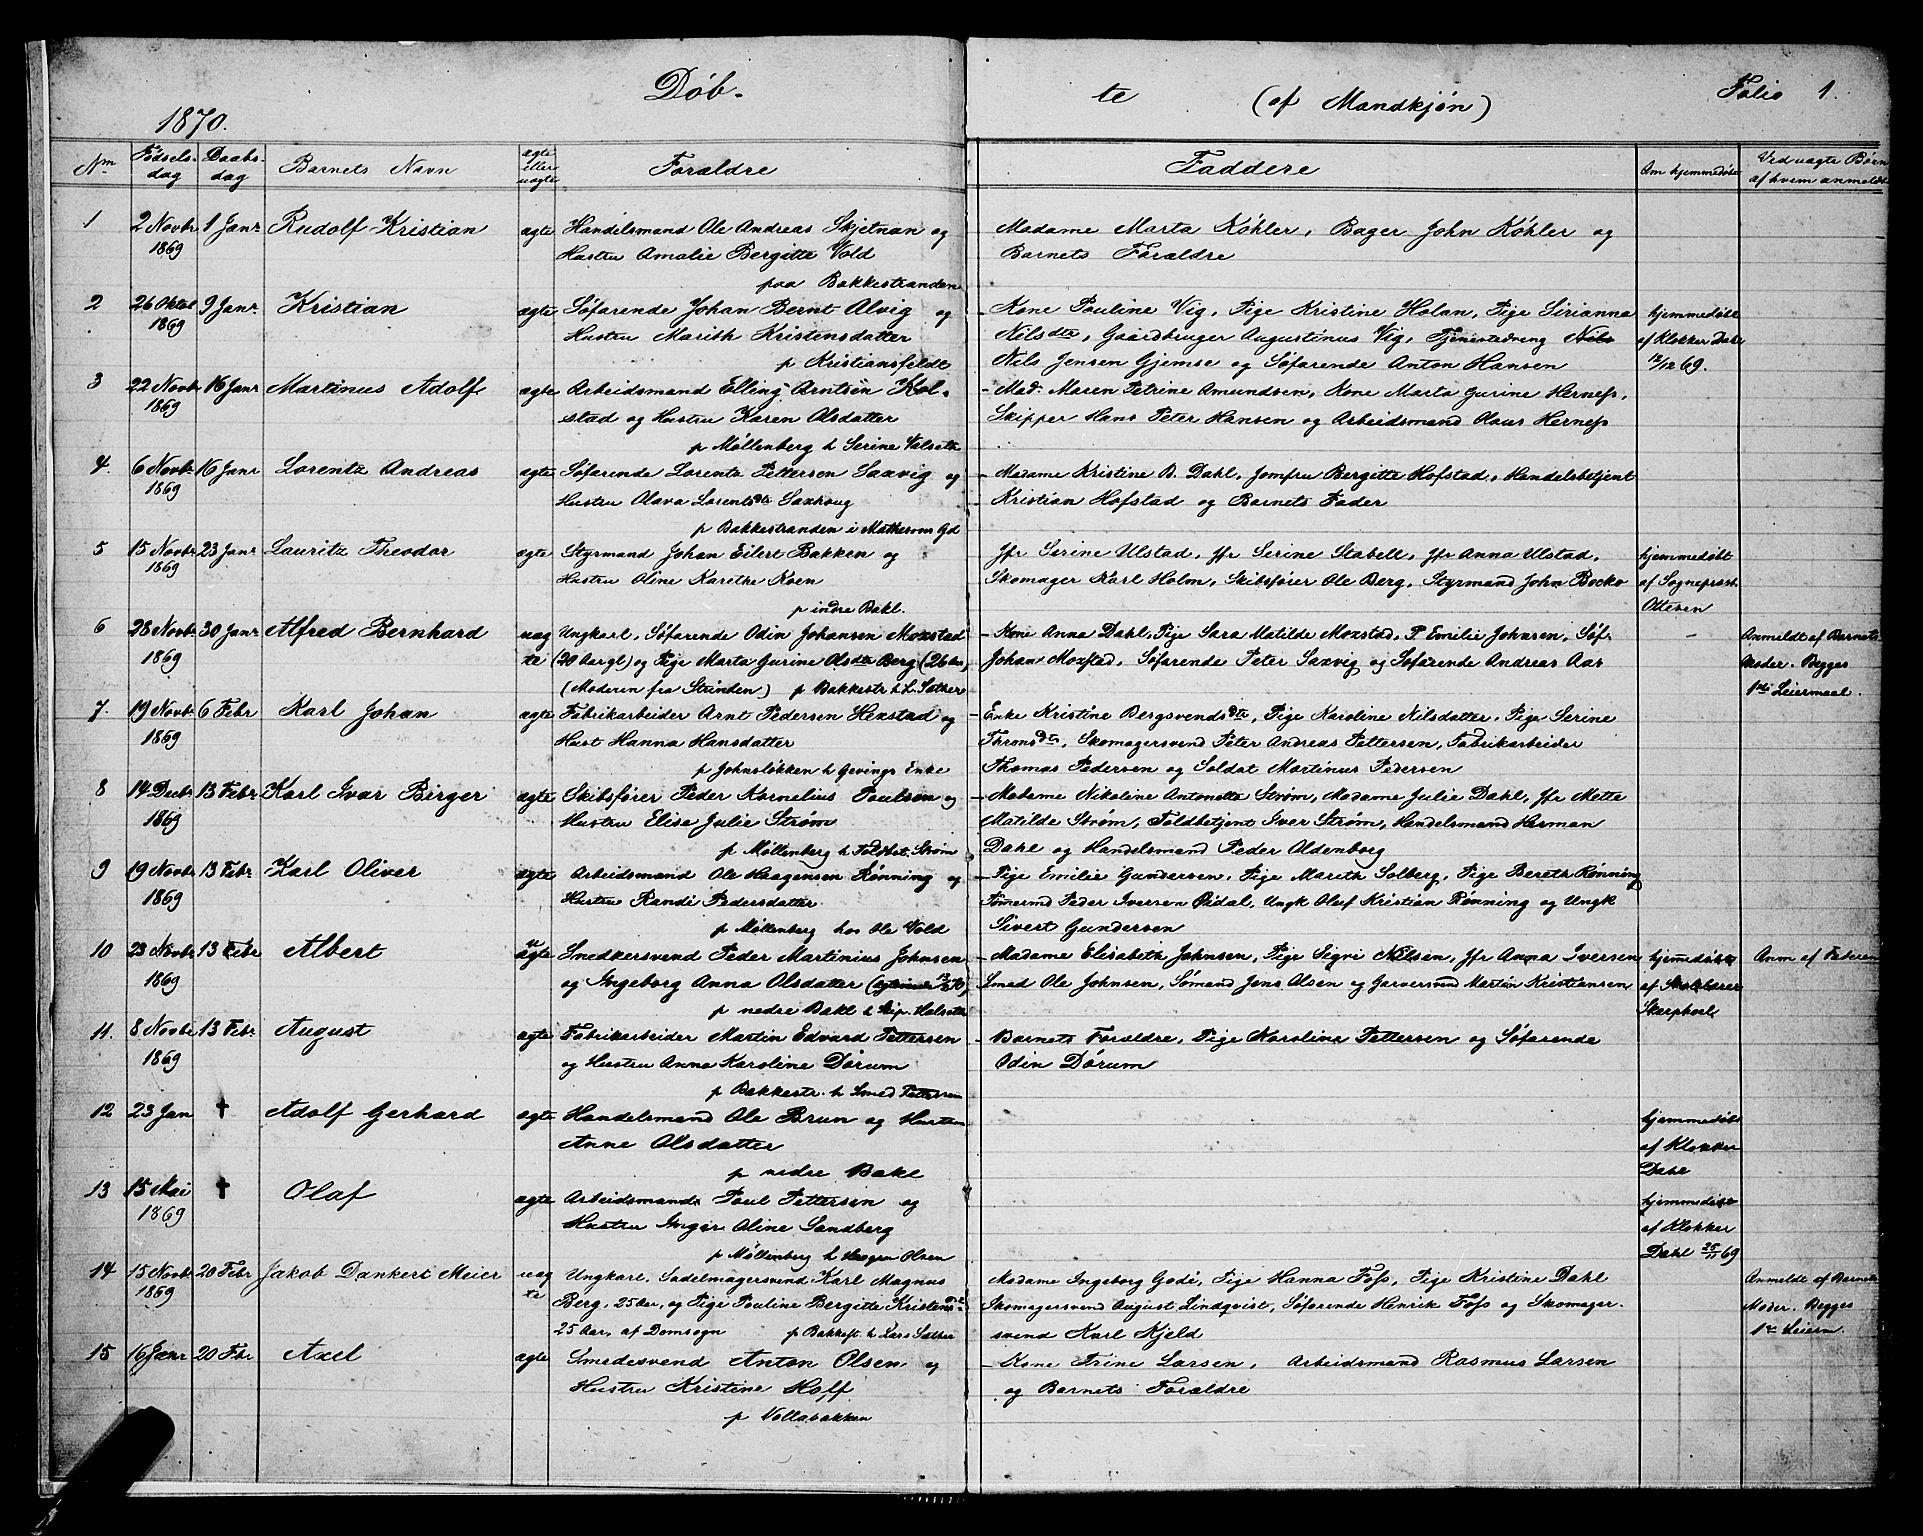 SAT, Ministerialprotokoller, klokkerbøker og fødselsregistre - Sør-Trøndelag, 604/L0220: Klokkerbok nr. 604C03, 1870-1885, s. 1